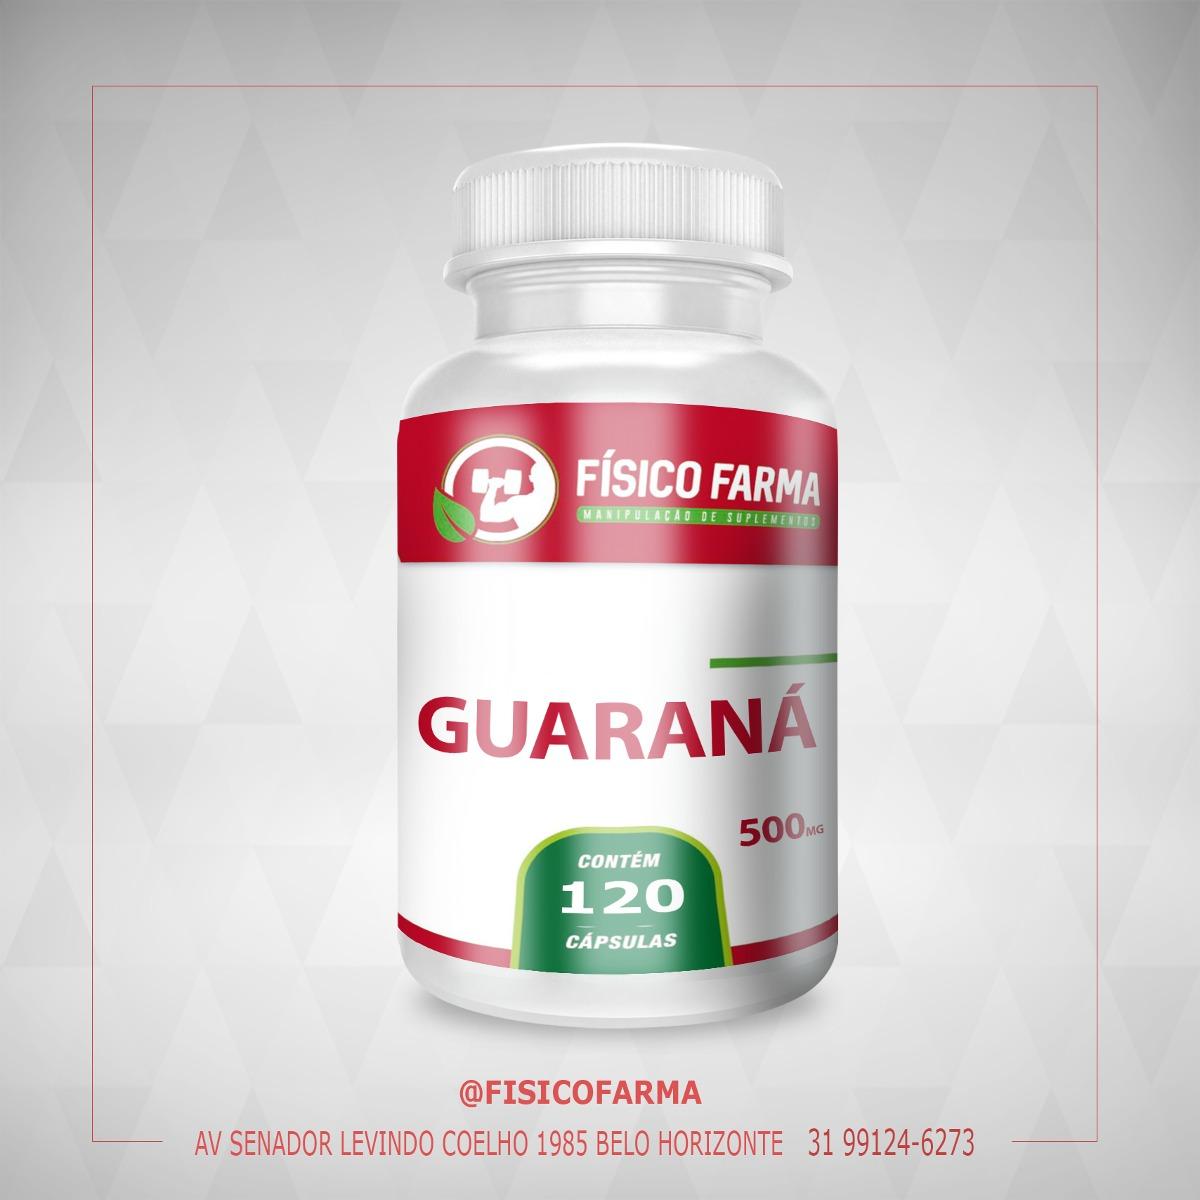 Guaraná 500mg 120 cápsulas (guarana)